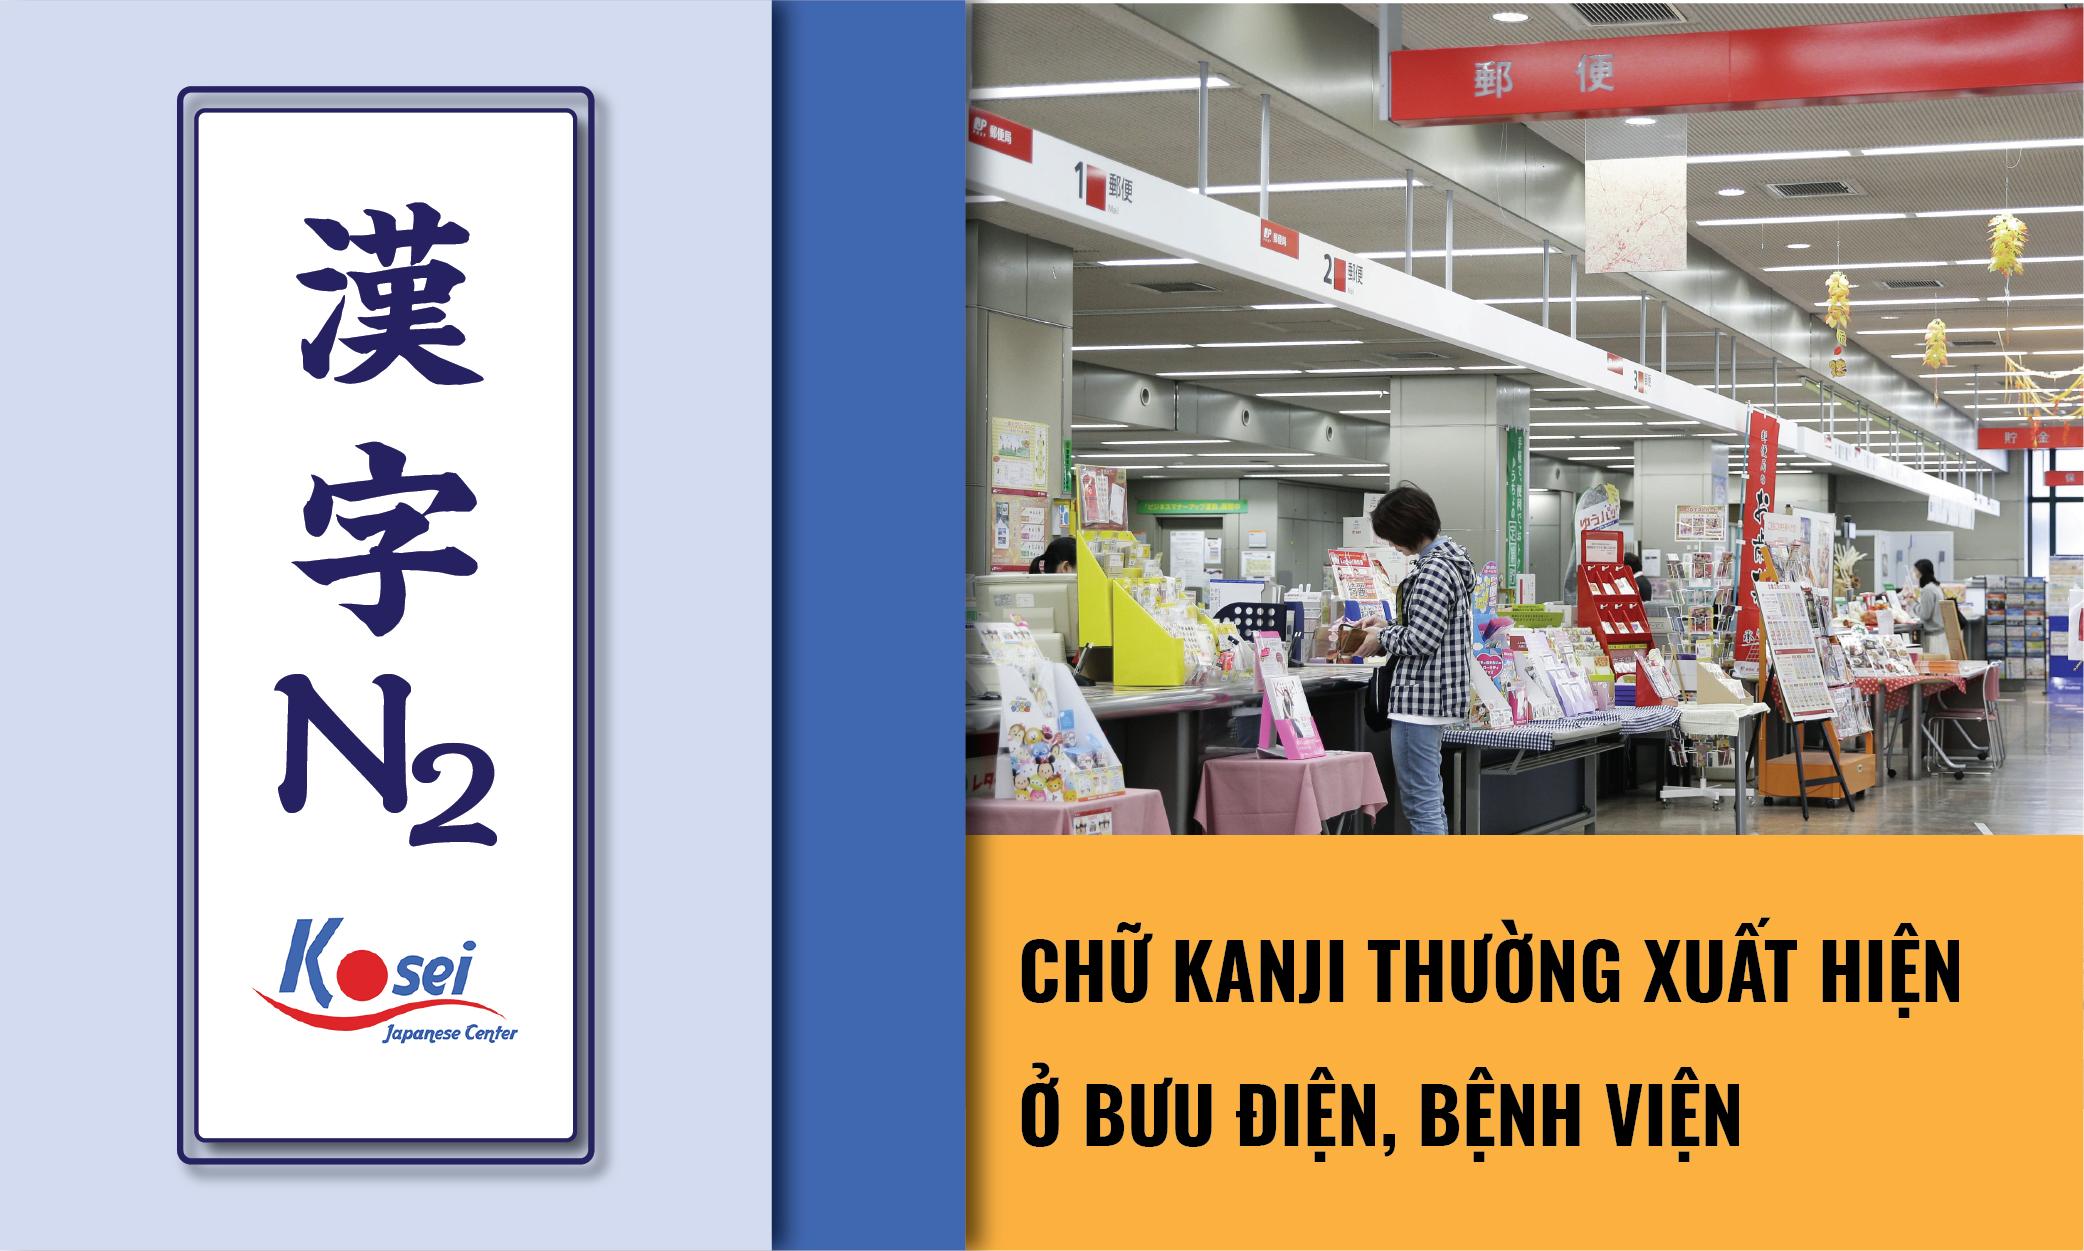 (Tổng hợp) Kanji N2: Các Kanji thường thấy ở bưu điện, bệnh viện